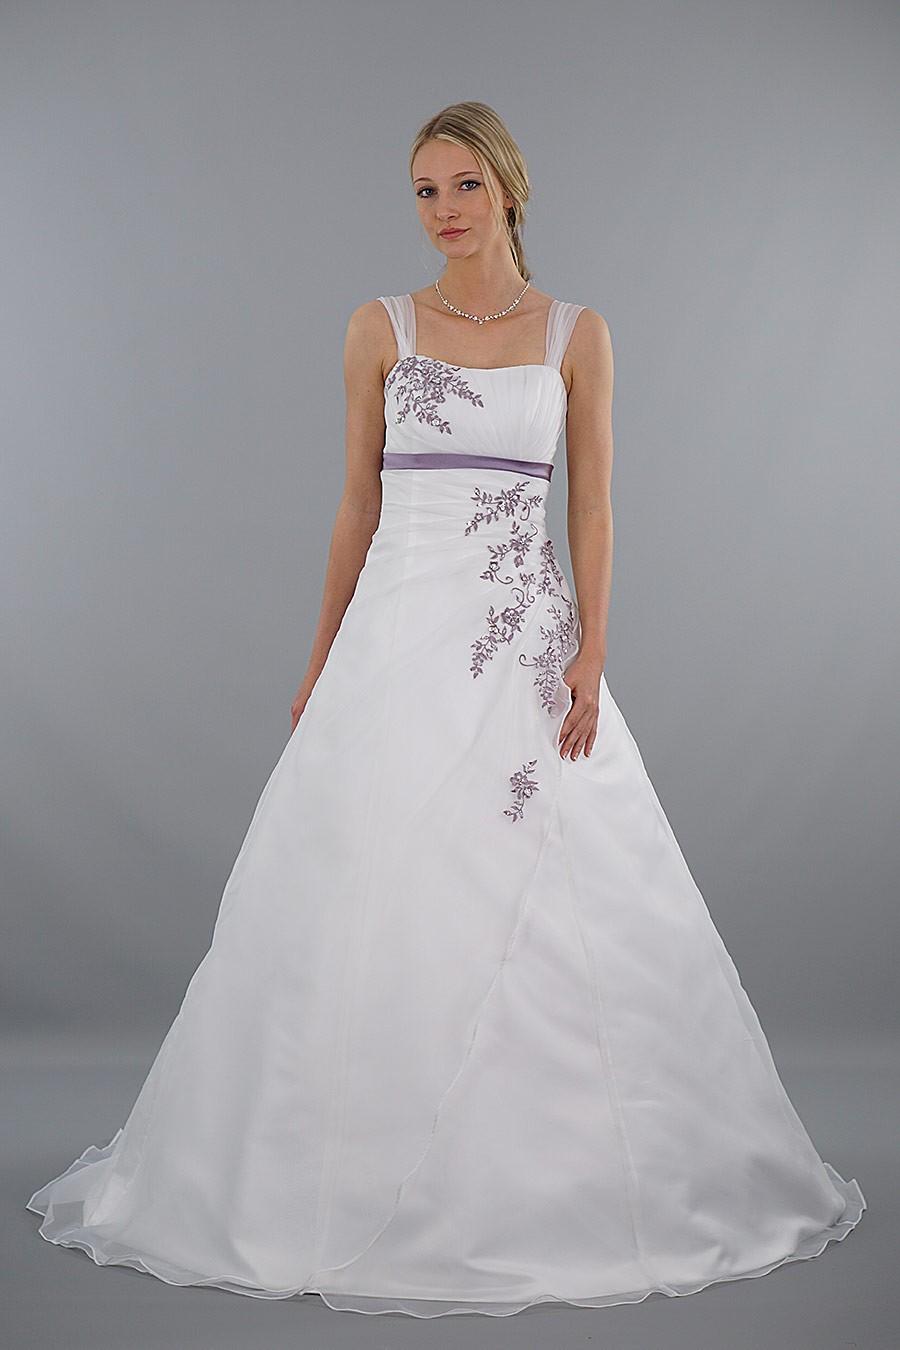 Modell Mia | Brautkleider für große Größen | Brautkleider auf Lager ...